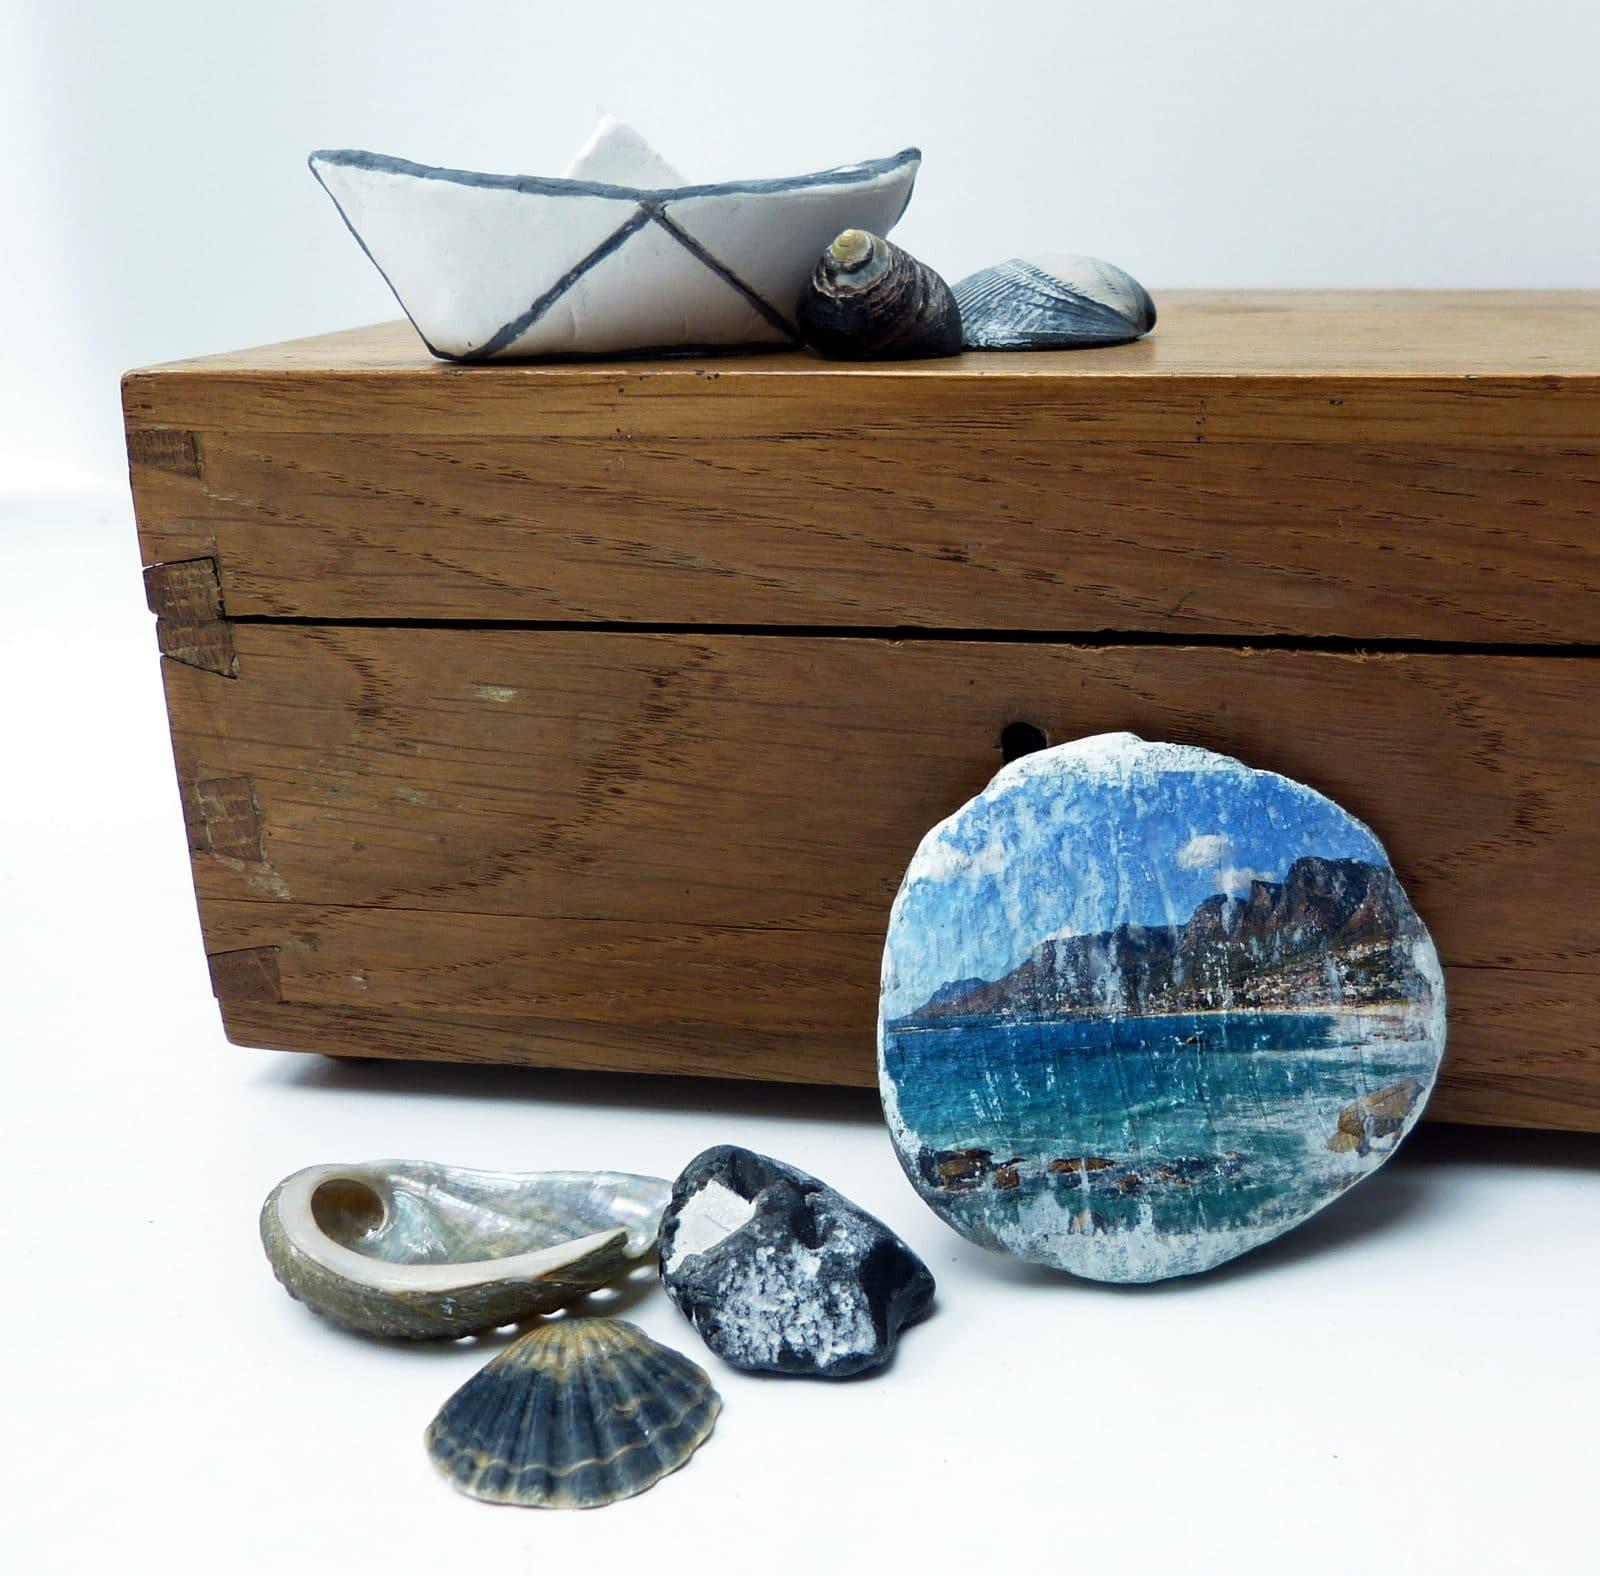 Urlaubsfotos Auf Stein übertragen Bildtransfer Mal Anders